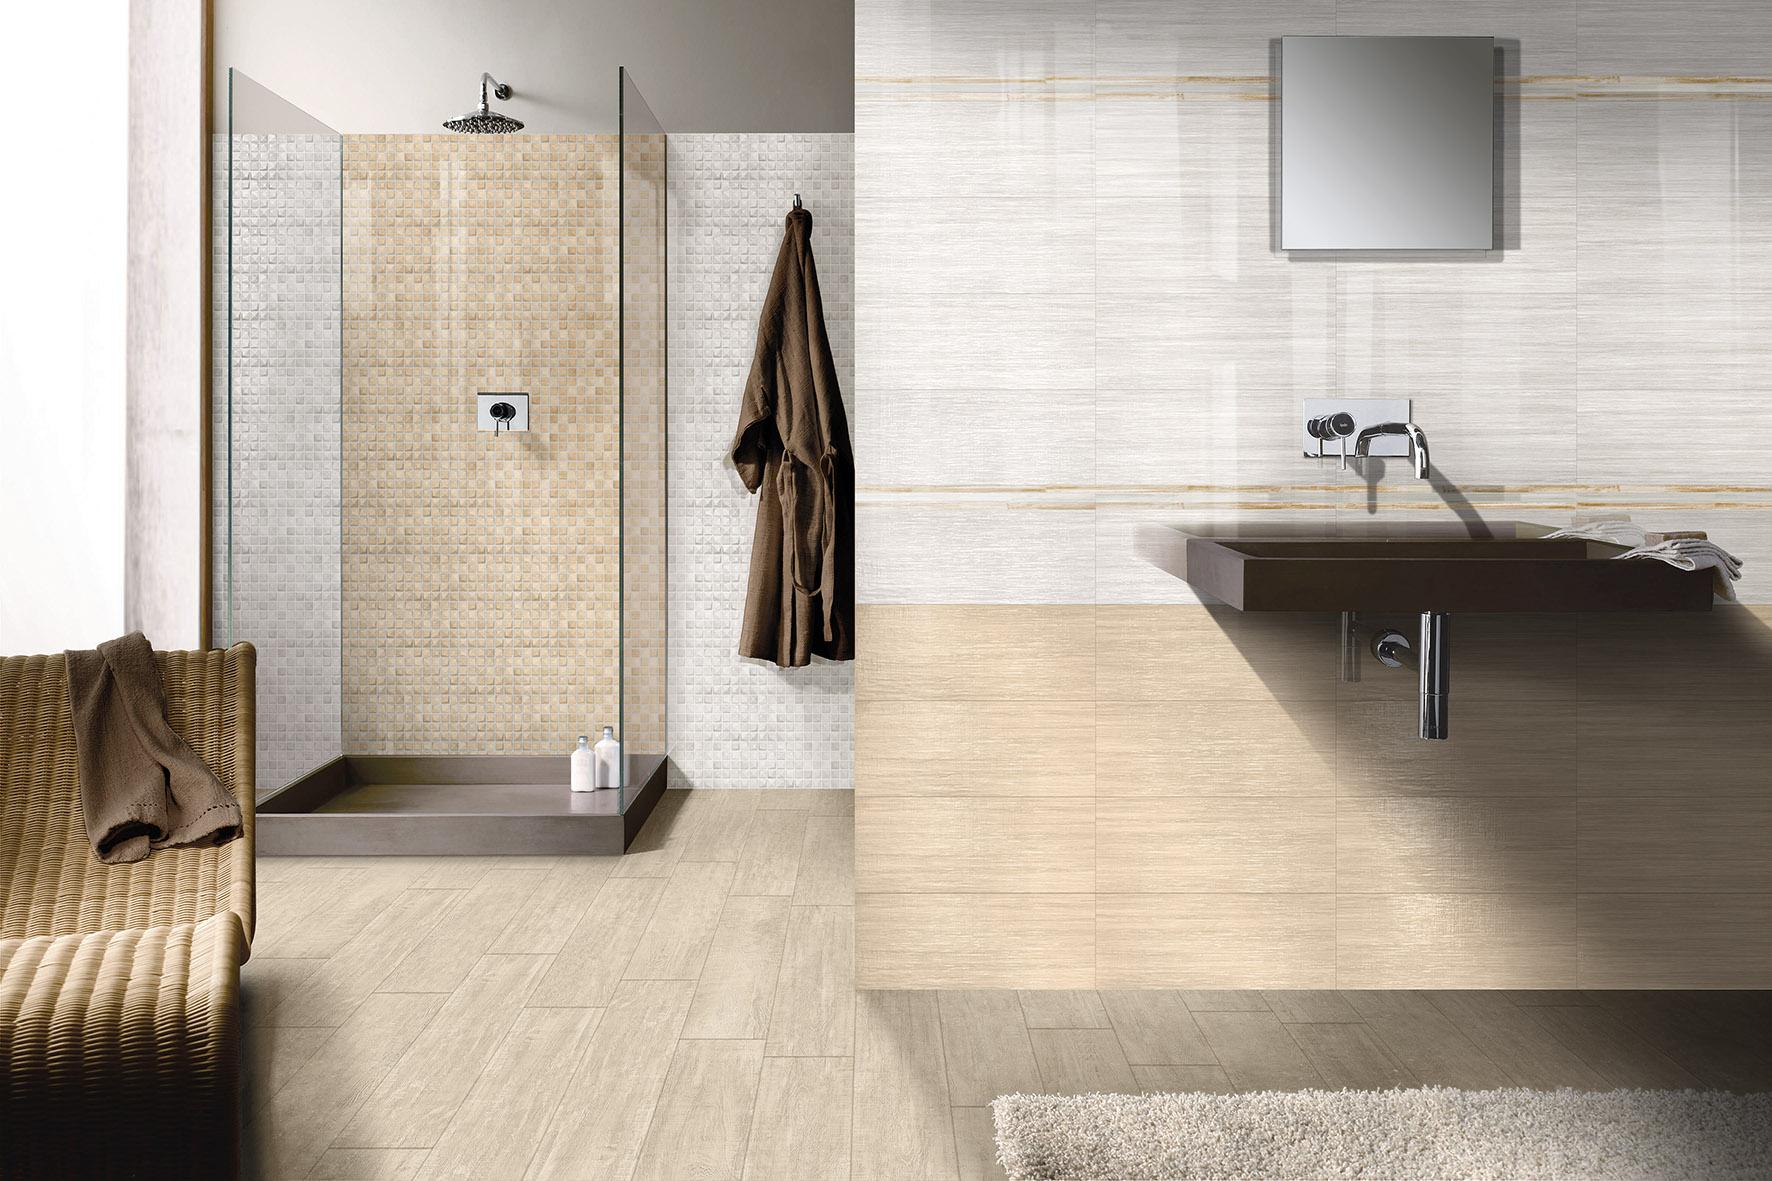 Mattonelle Bagno In Offerta : Rivestimento bagno moderno offerte offerte online rivestimenti